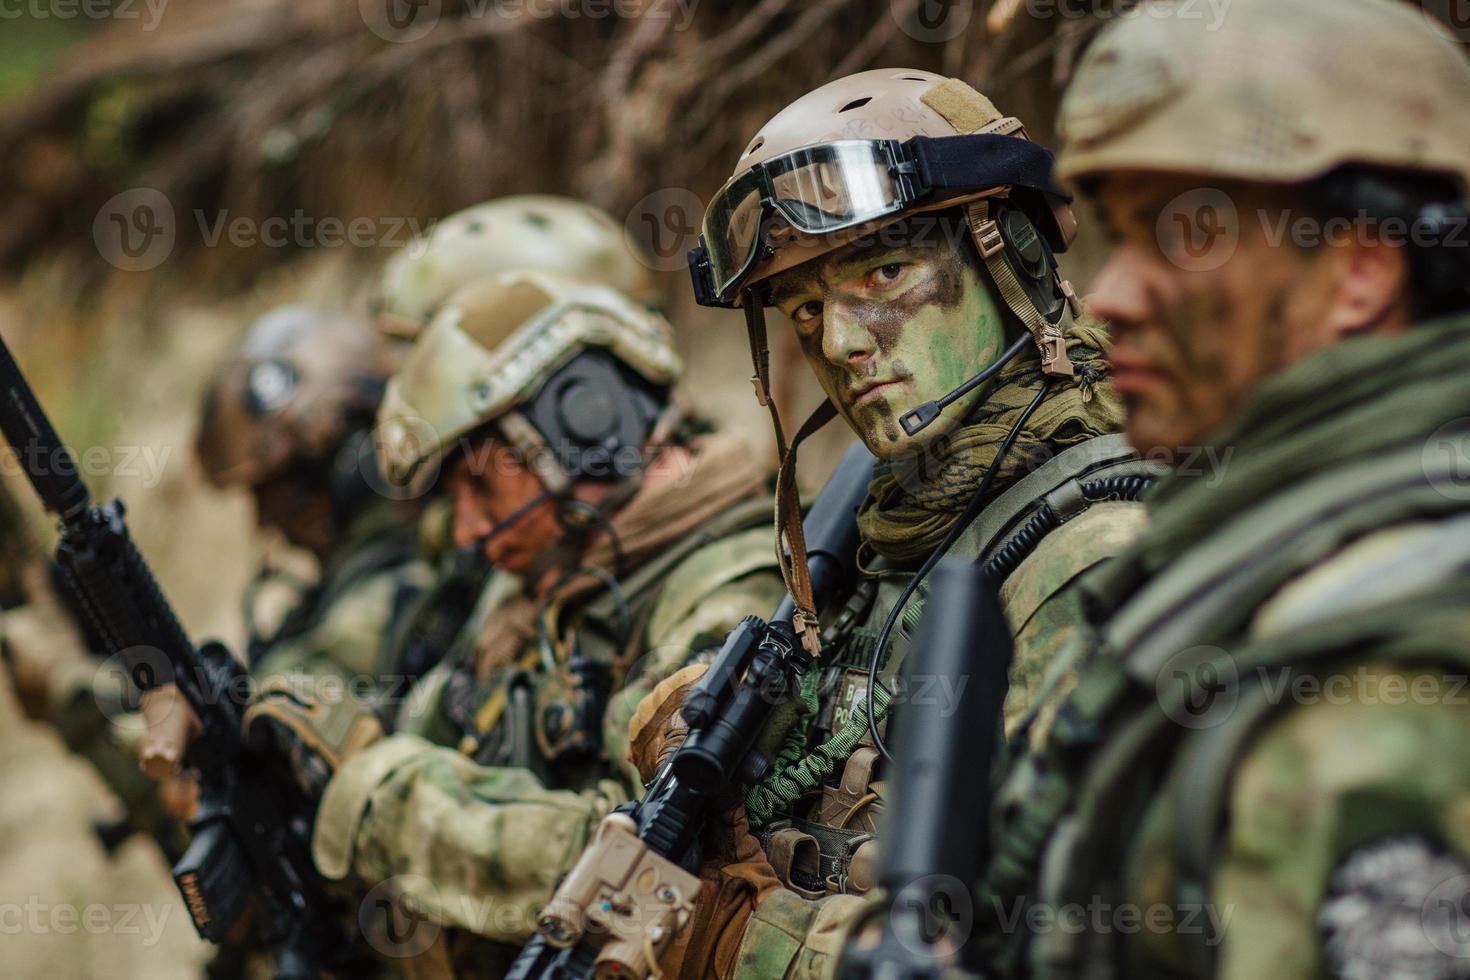 Soldat zielt seine Waffe in Sichtweite foto